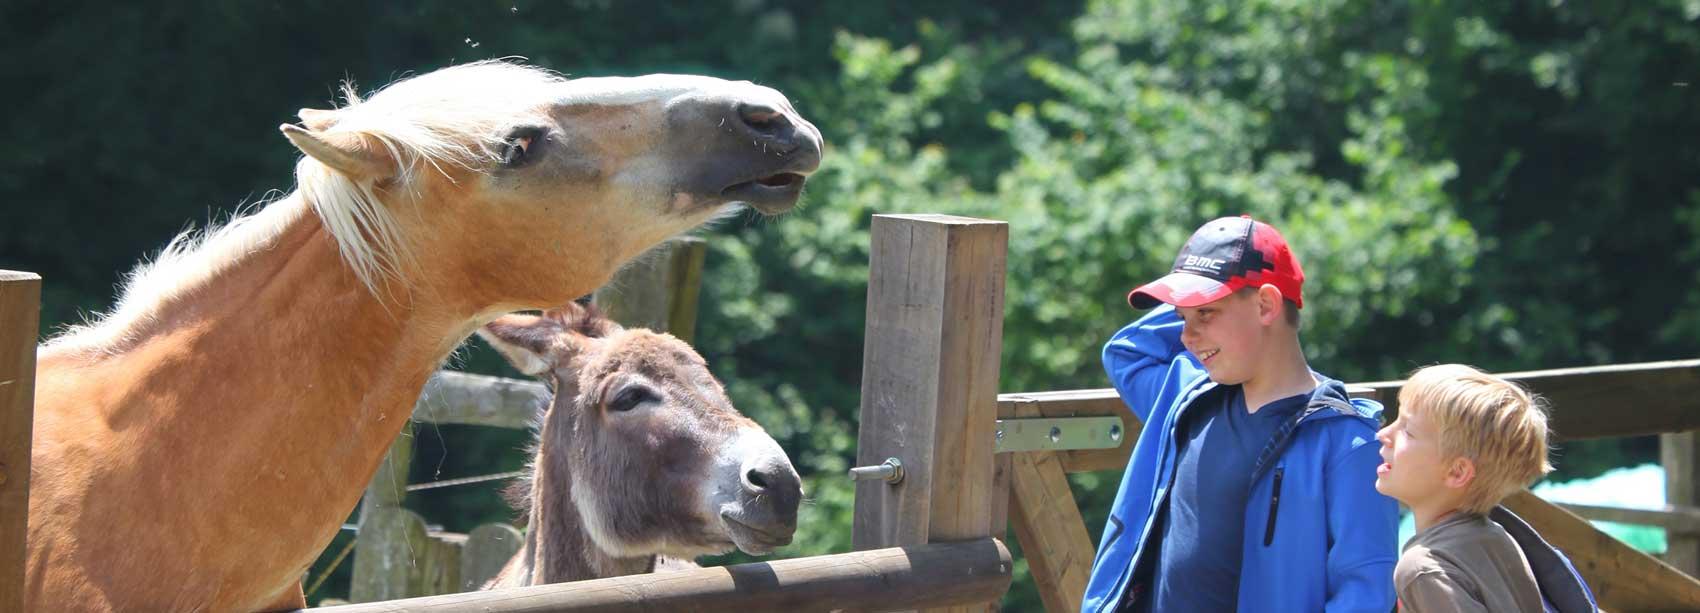 Pferd und Esel auf dem Wannenhof